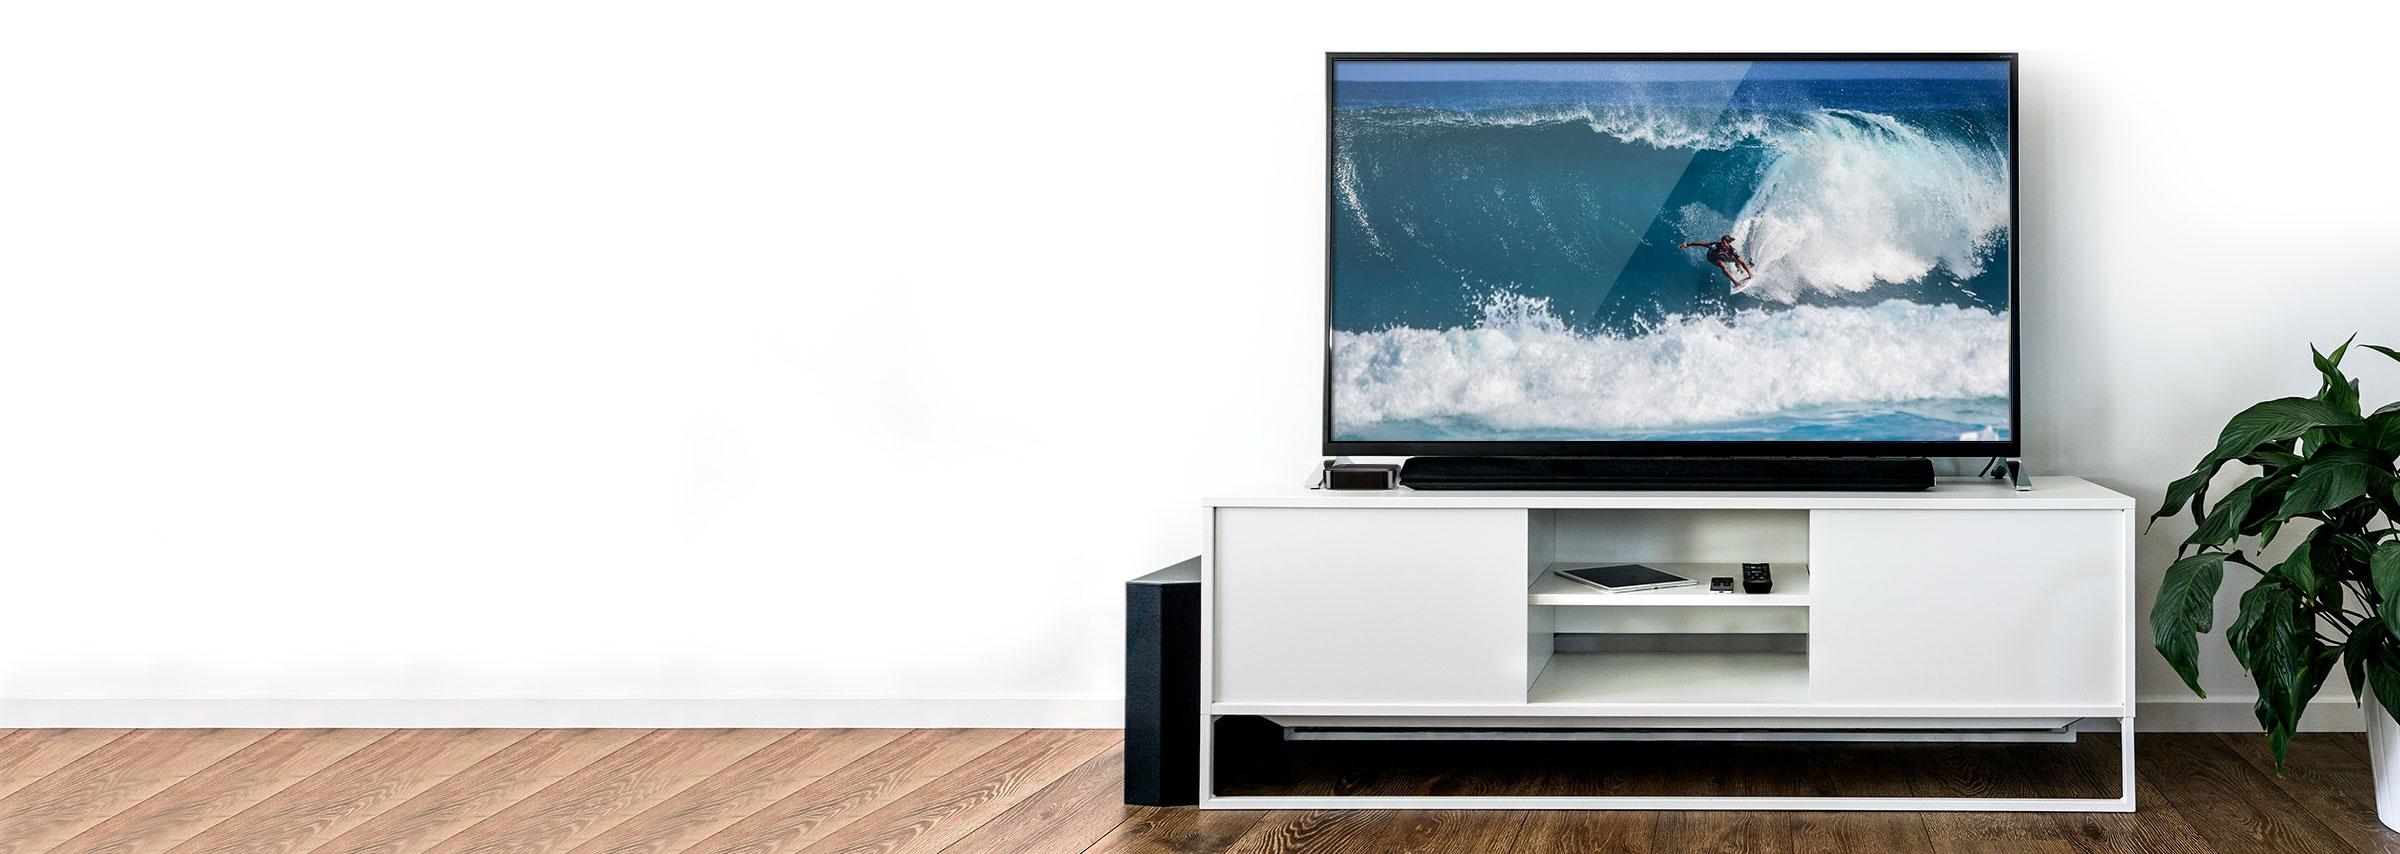 Wirelessly Send HD Video